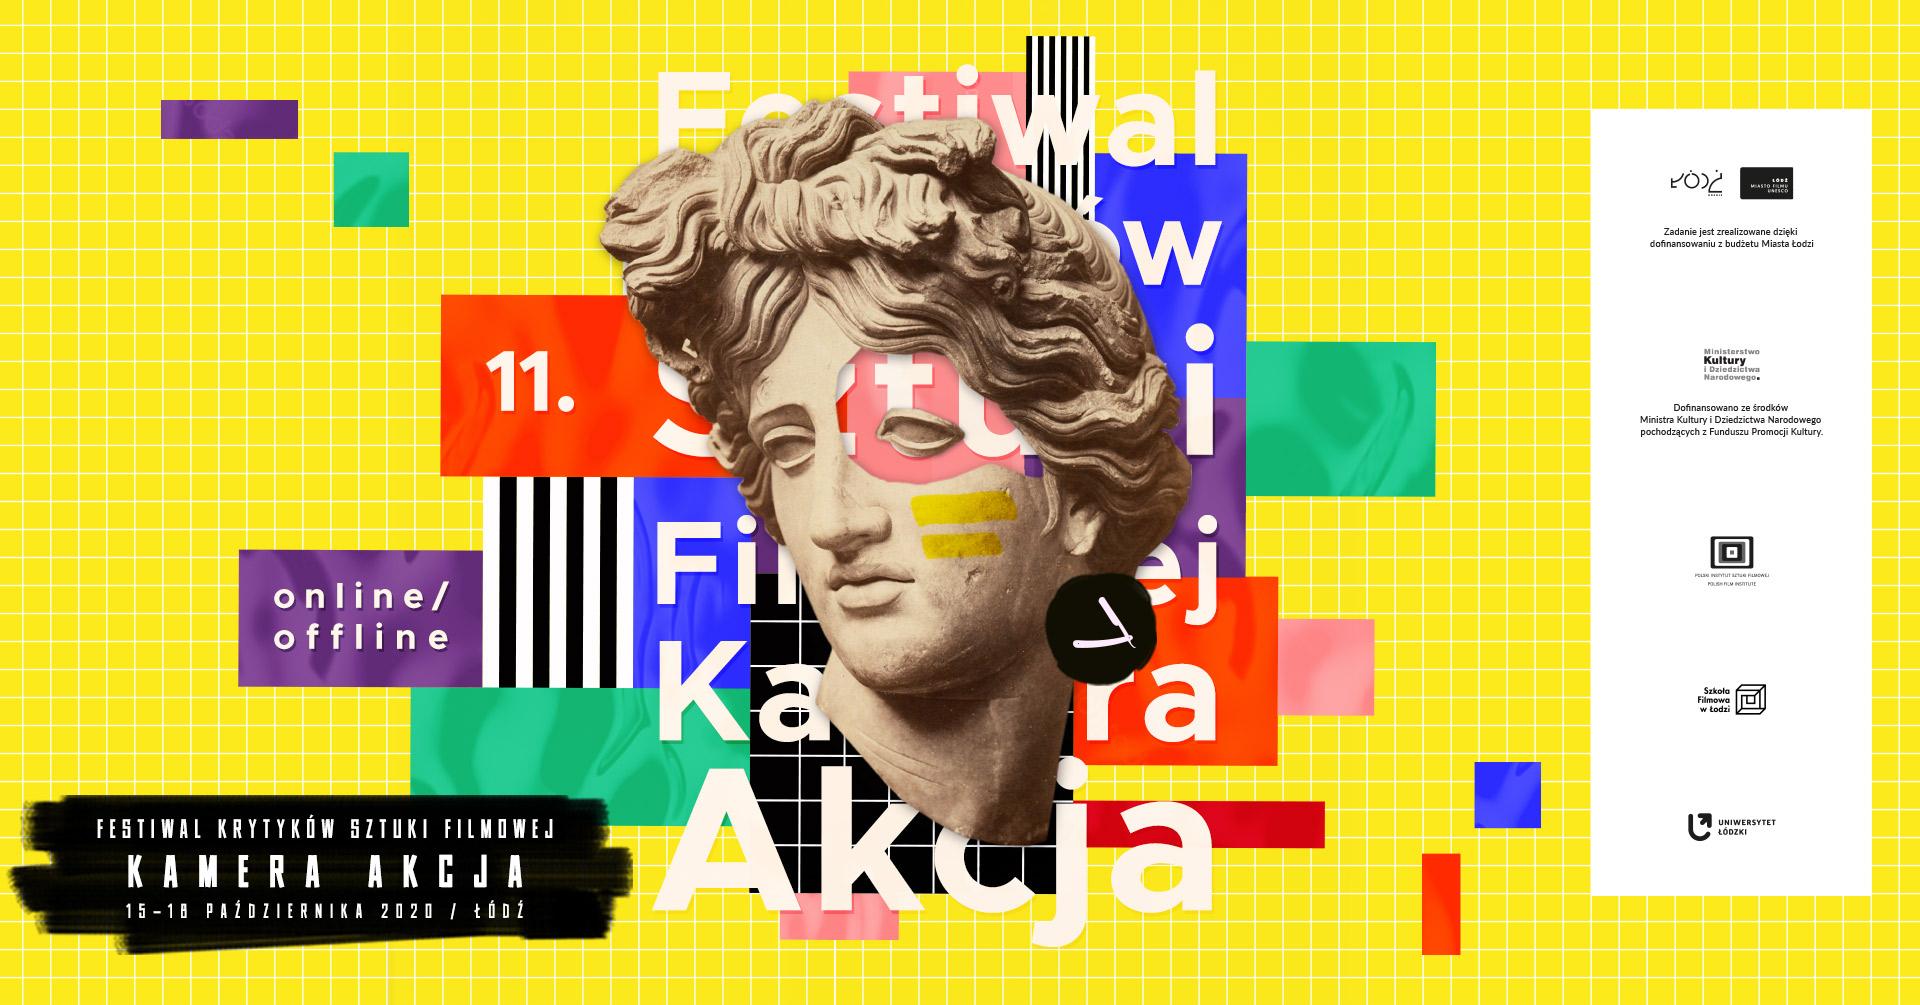 Premiery, hity i wyjątkowi goście. 11. Festiwal Kamera Akcja w dwóch odsłonach